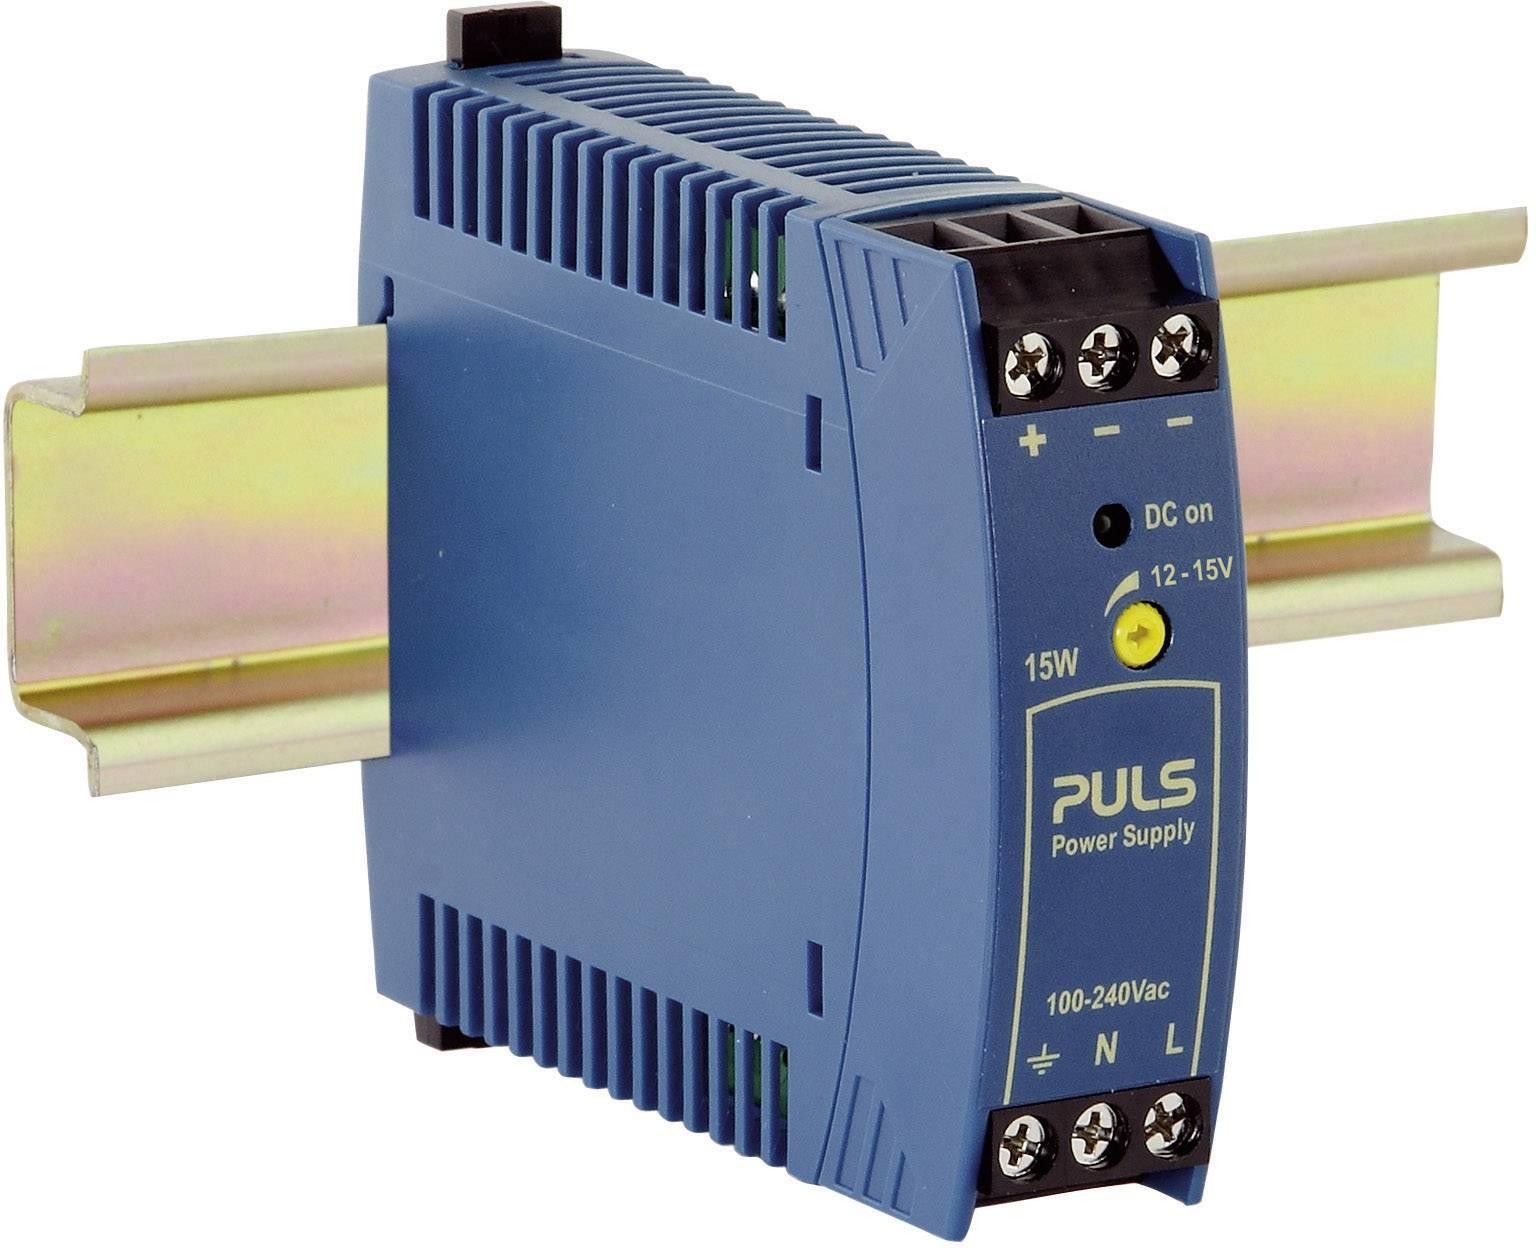 Sieťový zdroj na montážnu lištu (DIN lištu) PULS MiniLine ML15.121, 1 x, 12 V/DC, 1.3 A, 15 W